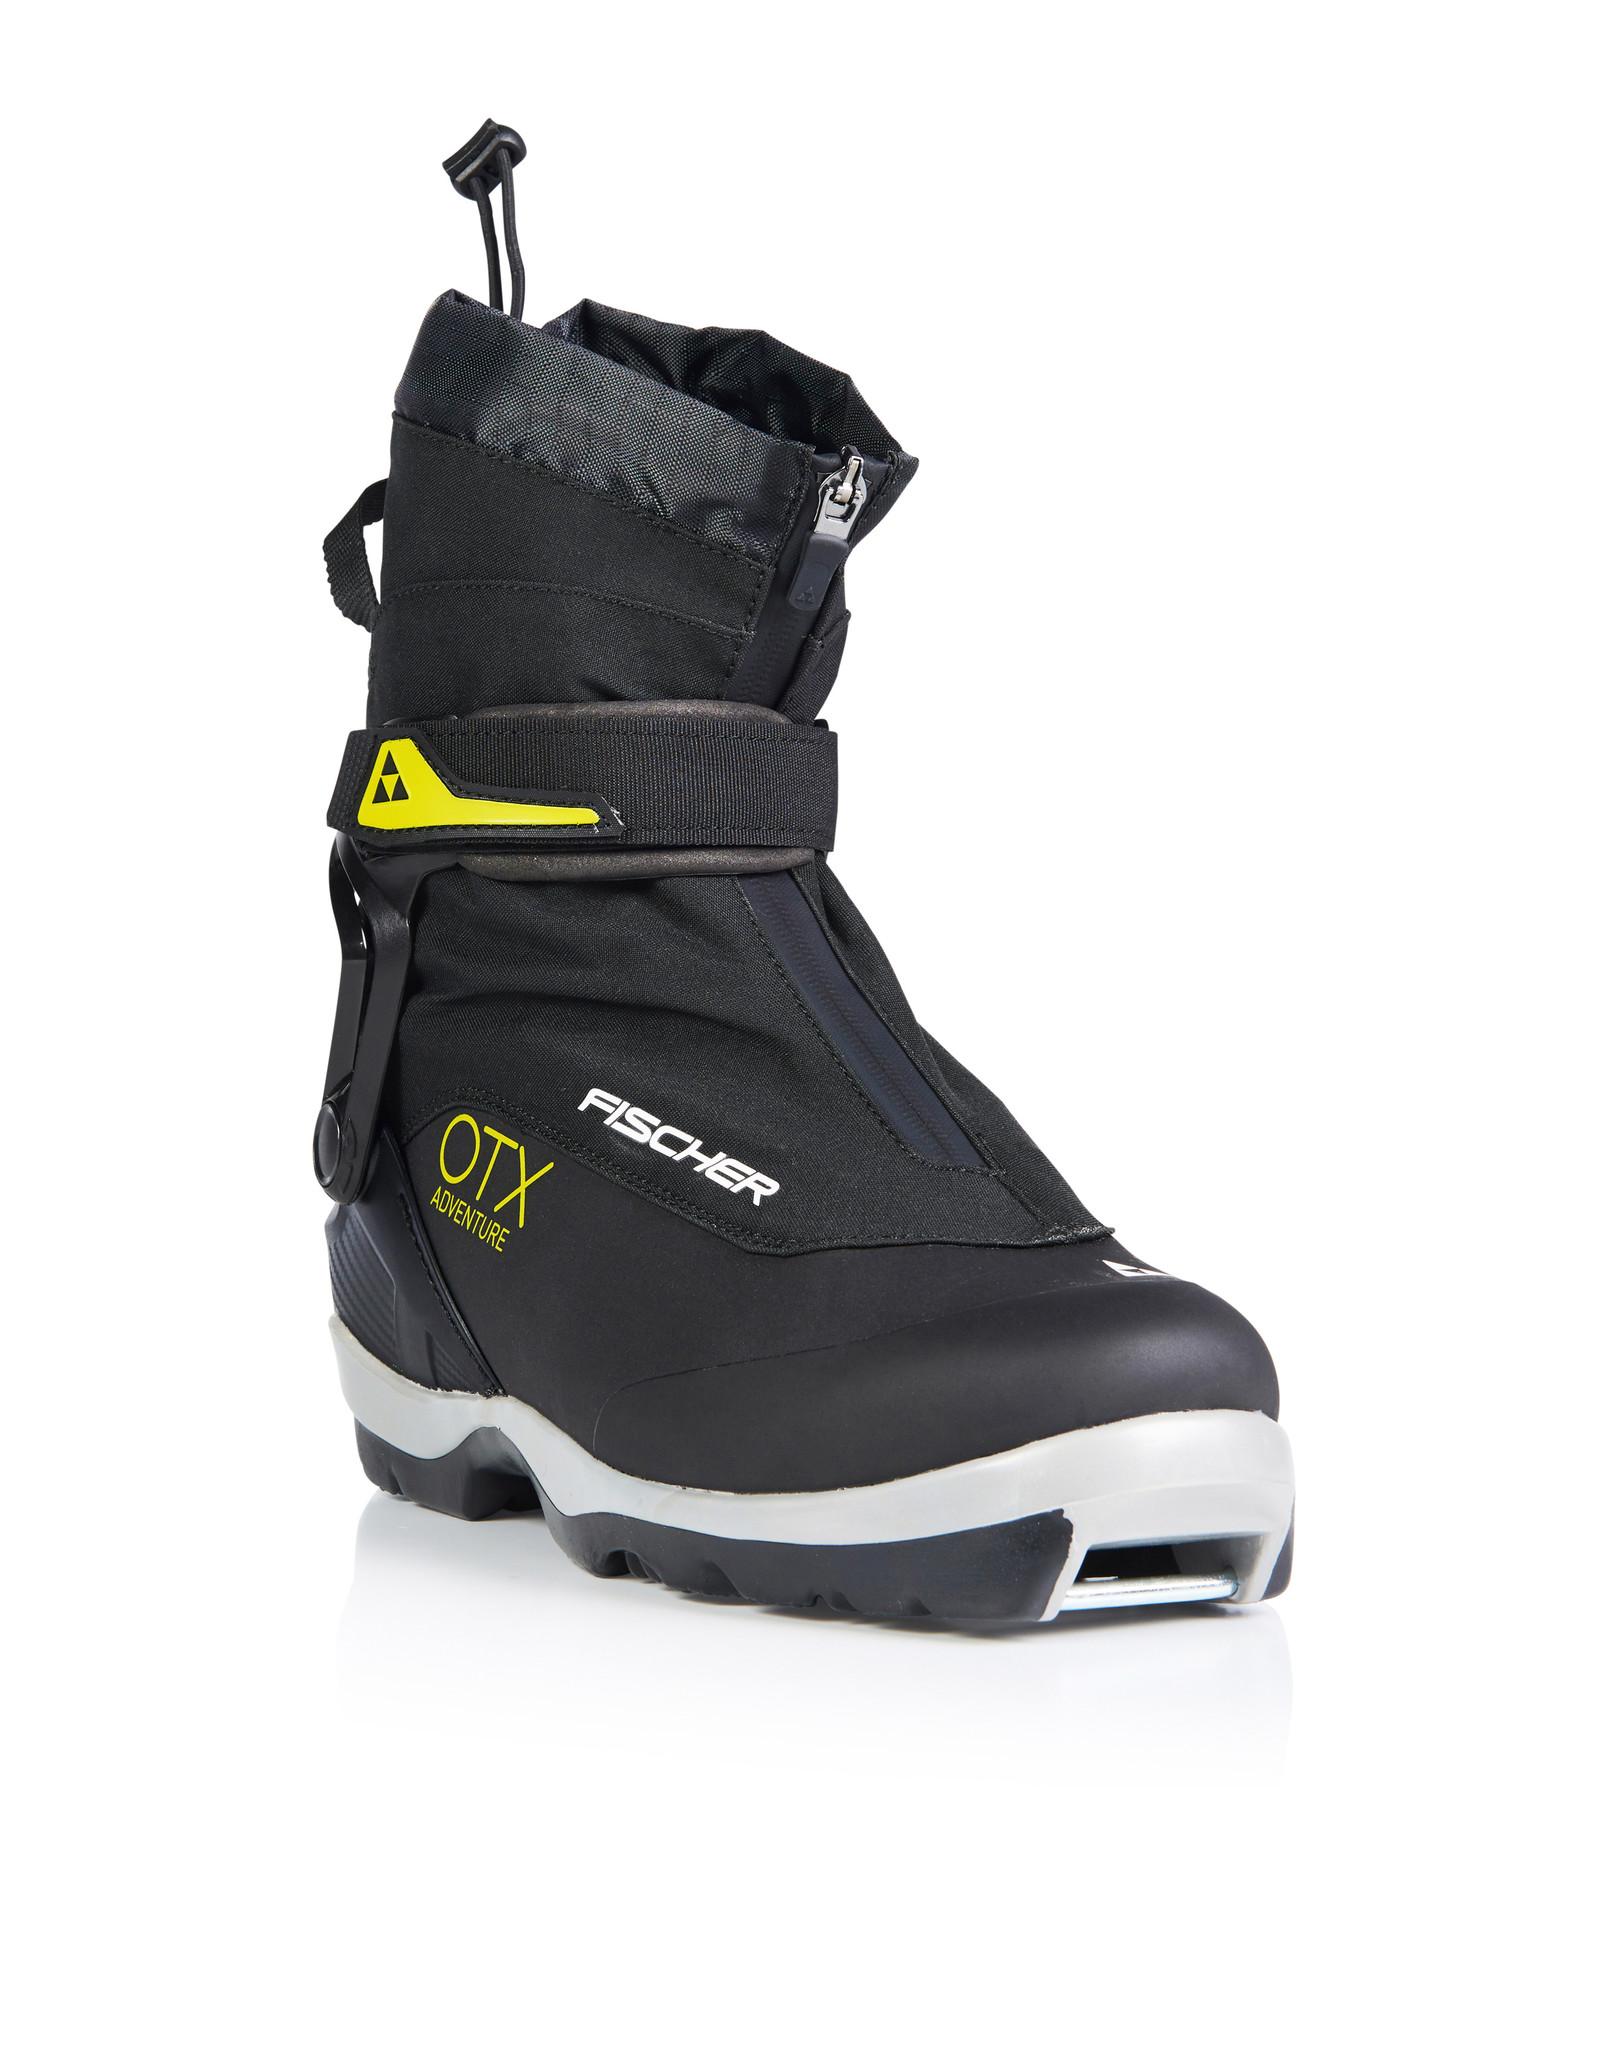 Fischer Fischer 2022 OTX Adventure BC Ski Boots